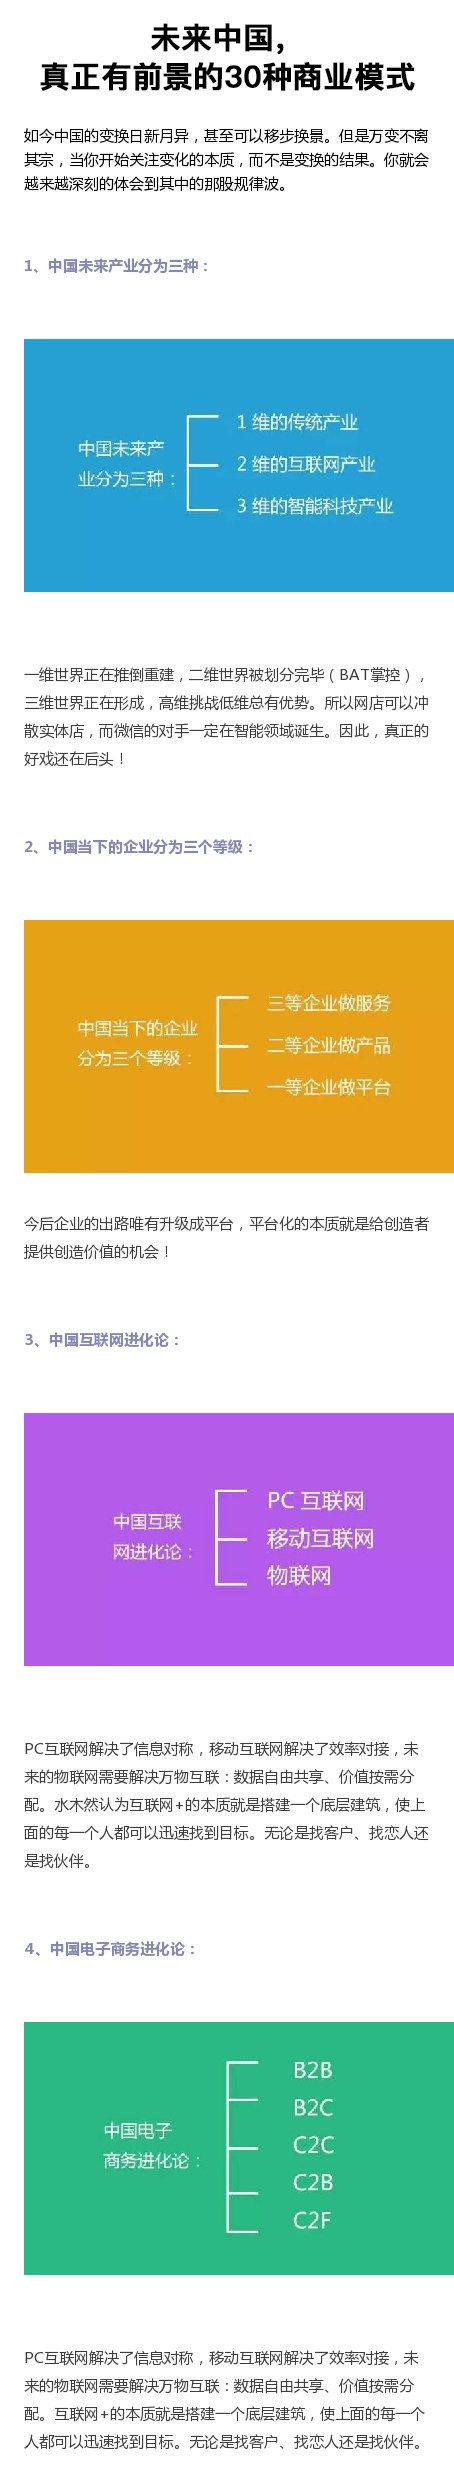 未来中国,真正有前景的30种商业模式